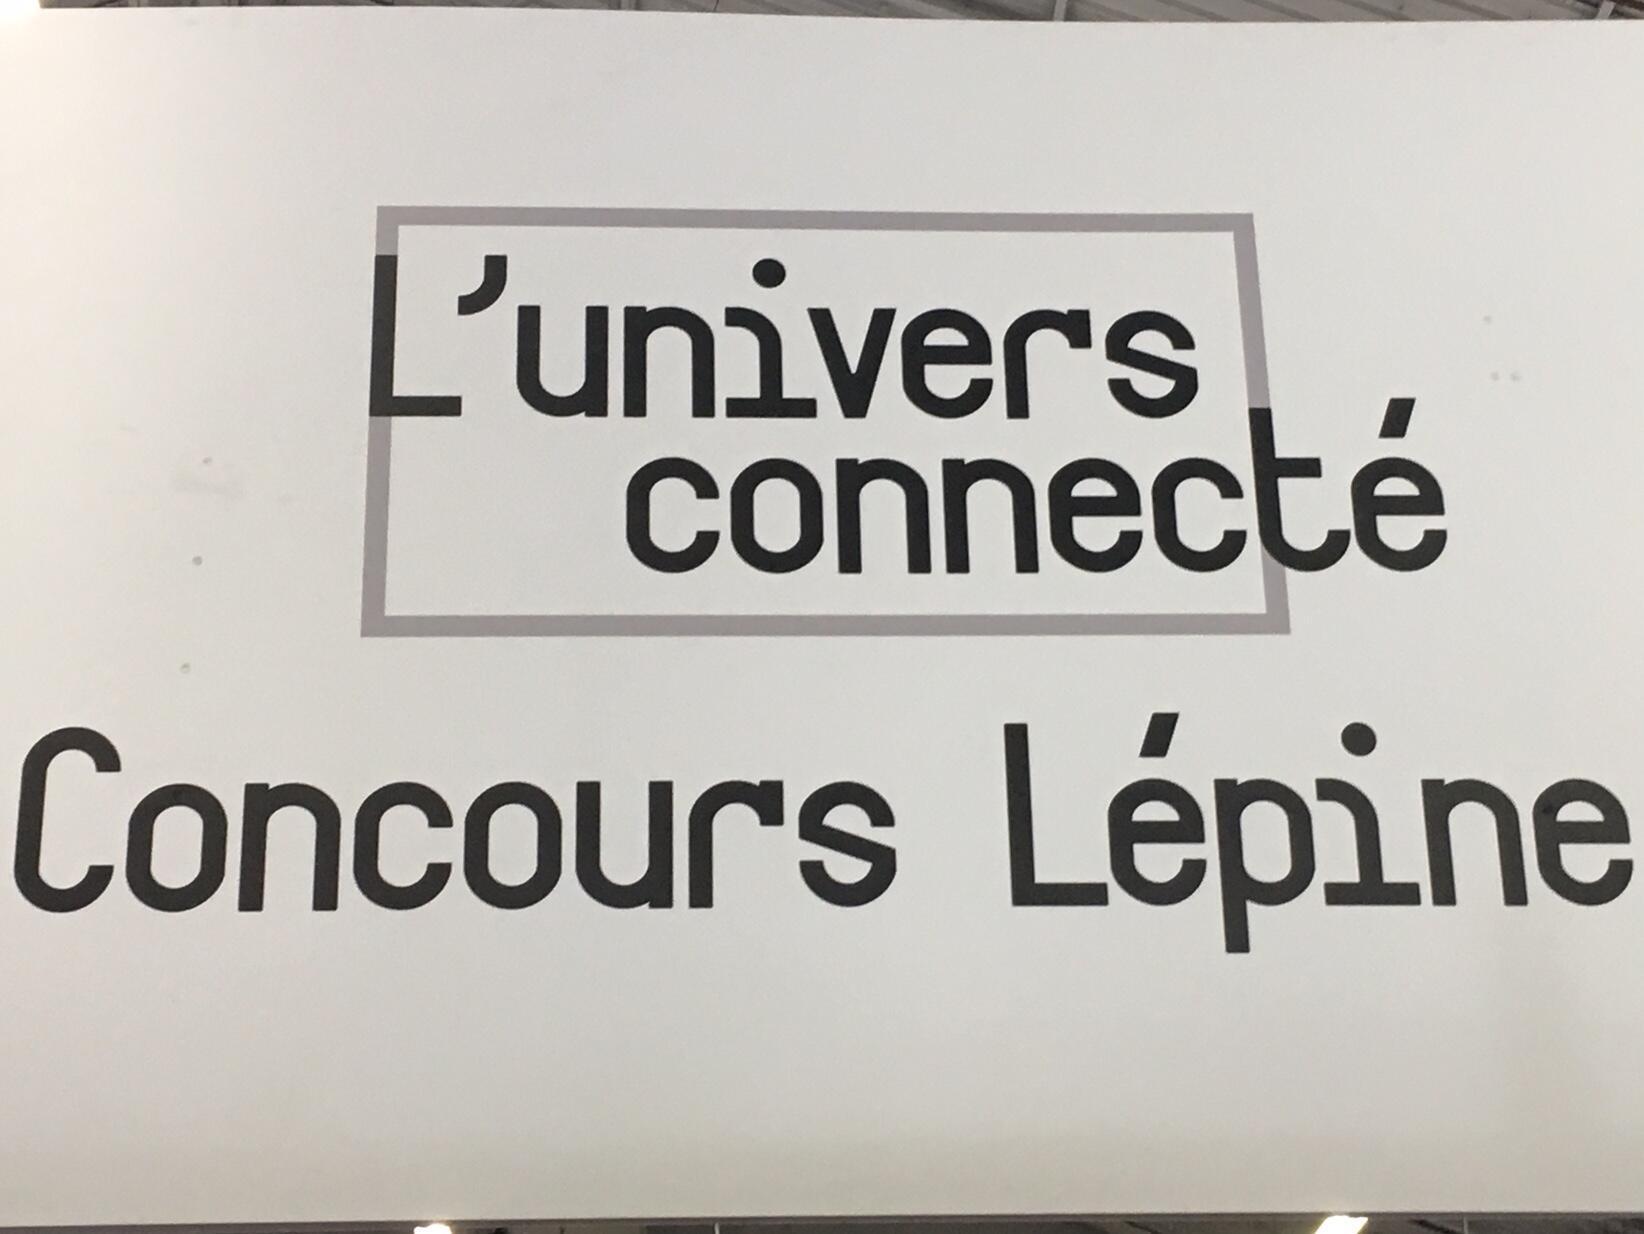 Khu trưng bày Thế giới kết nối Concours Lépine ra đời từ năm 2014, nhằm thích nghi với xu hướng phát triển về công nghệ cao.